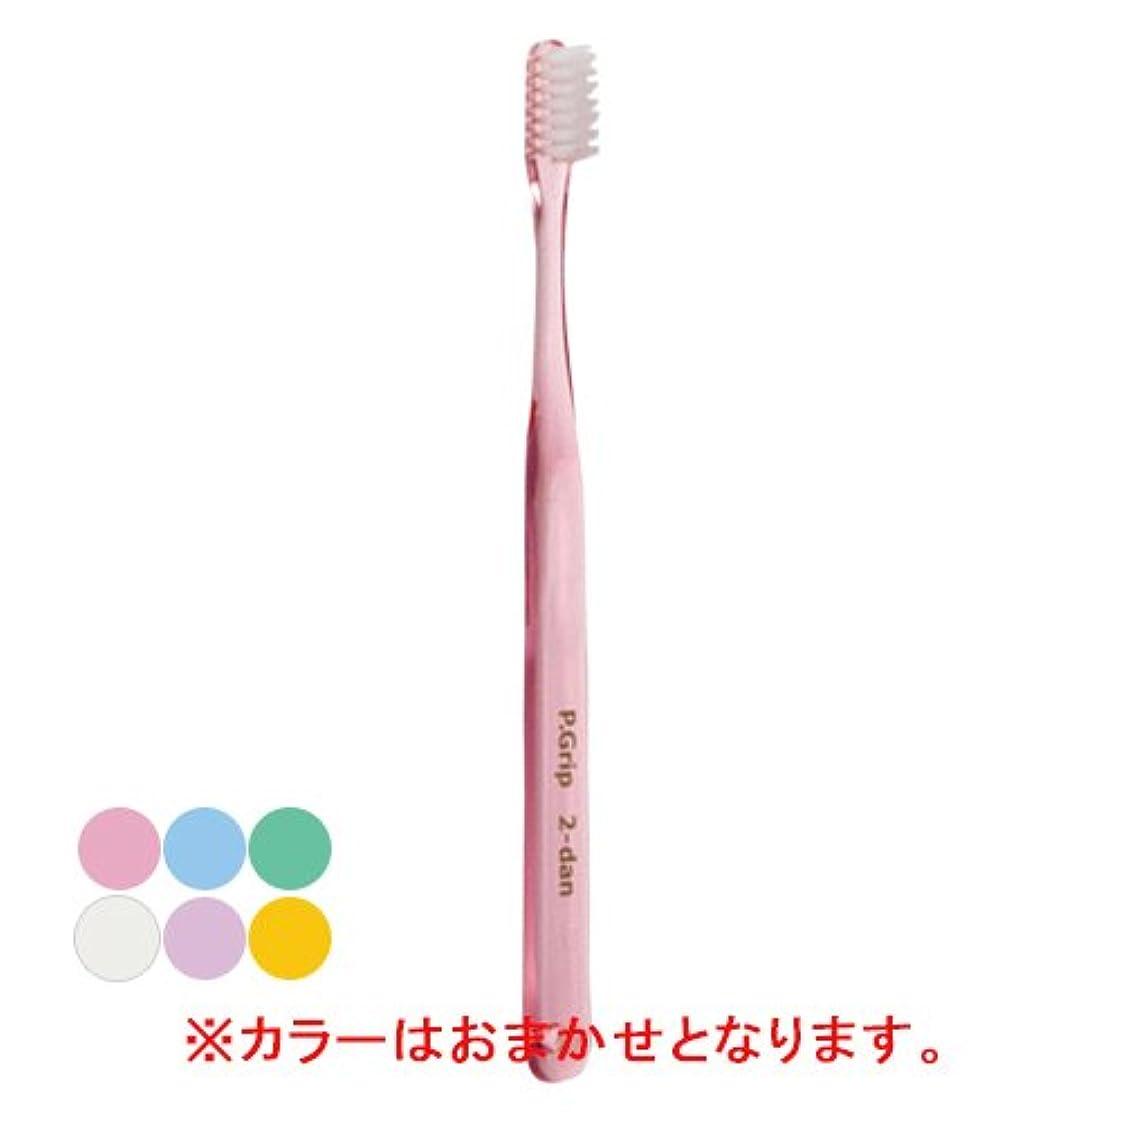 P.D.R.(ピーディーアール) P.Grip(ピーグリップ)歯ブラシ 二段植毛タイプ ソフト(やわらかめ) 1本